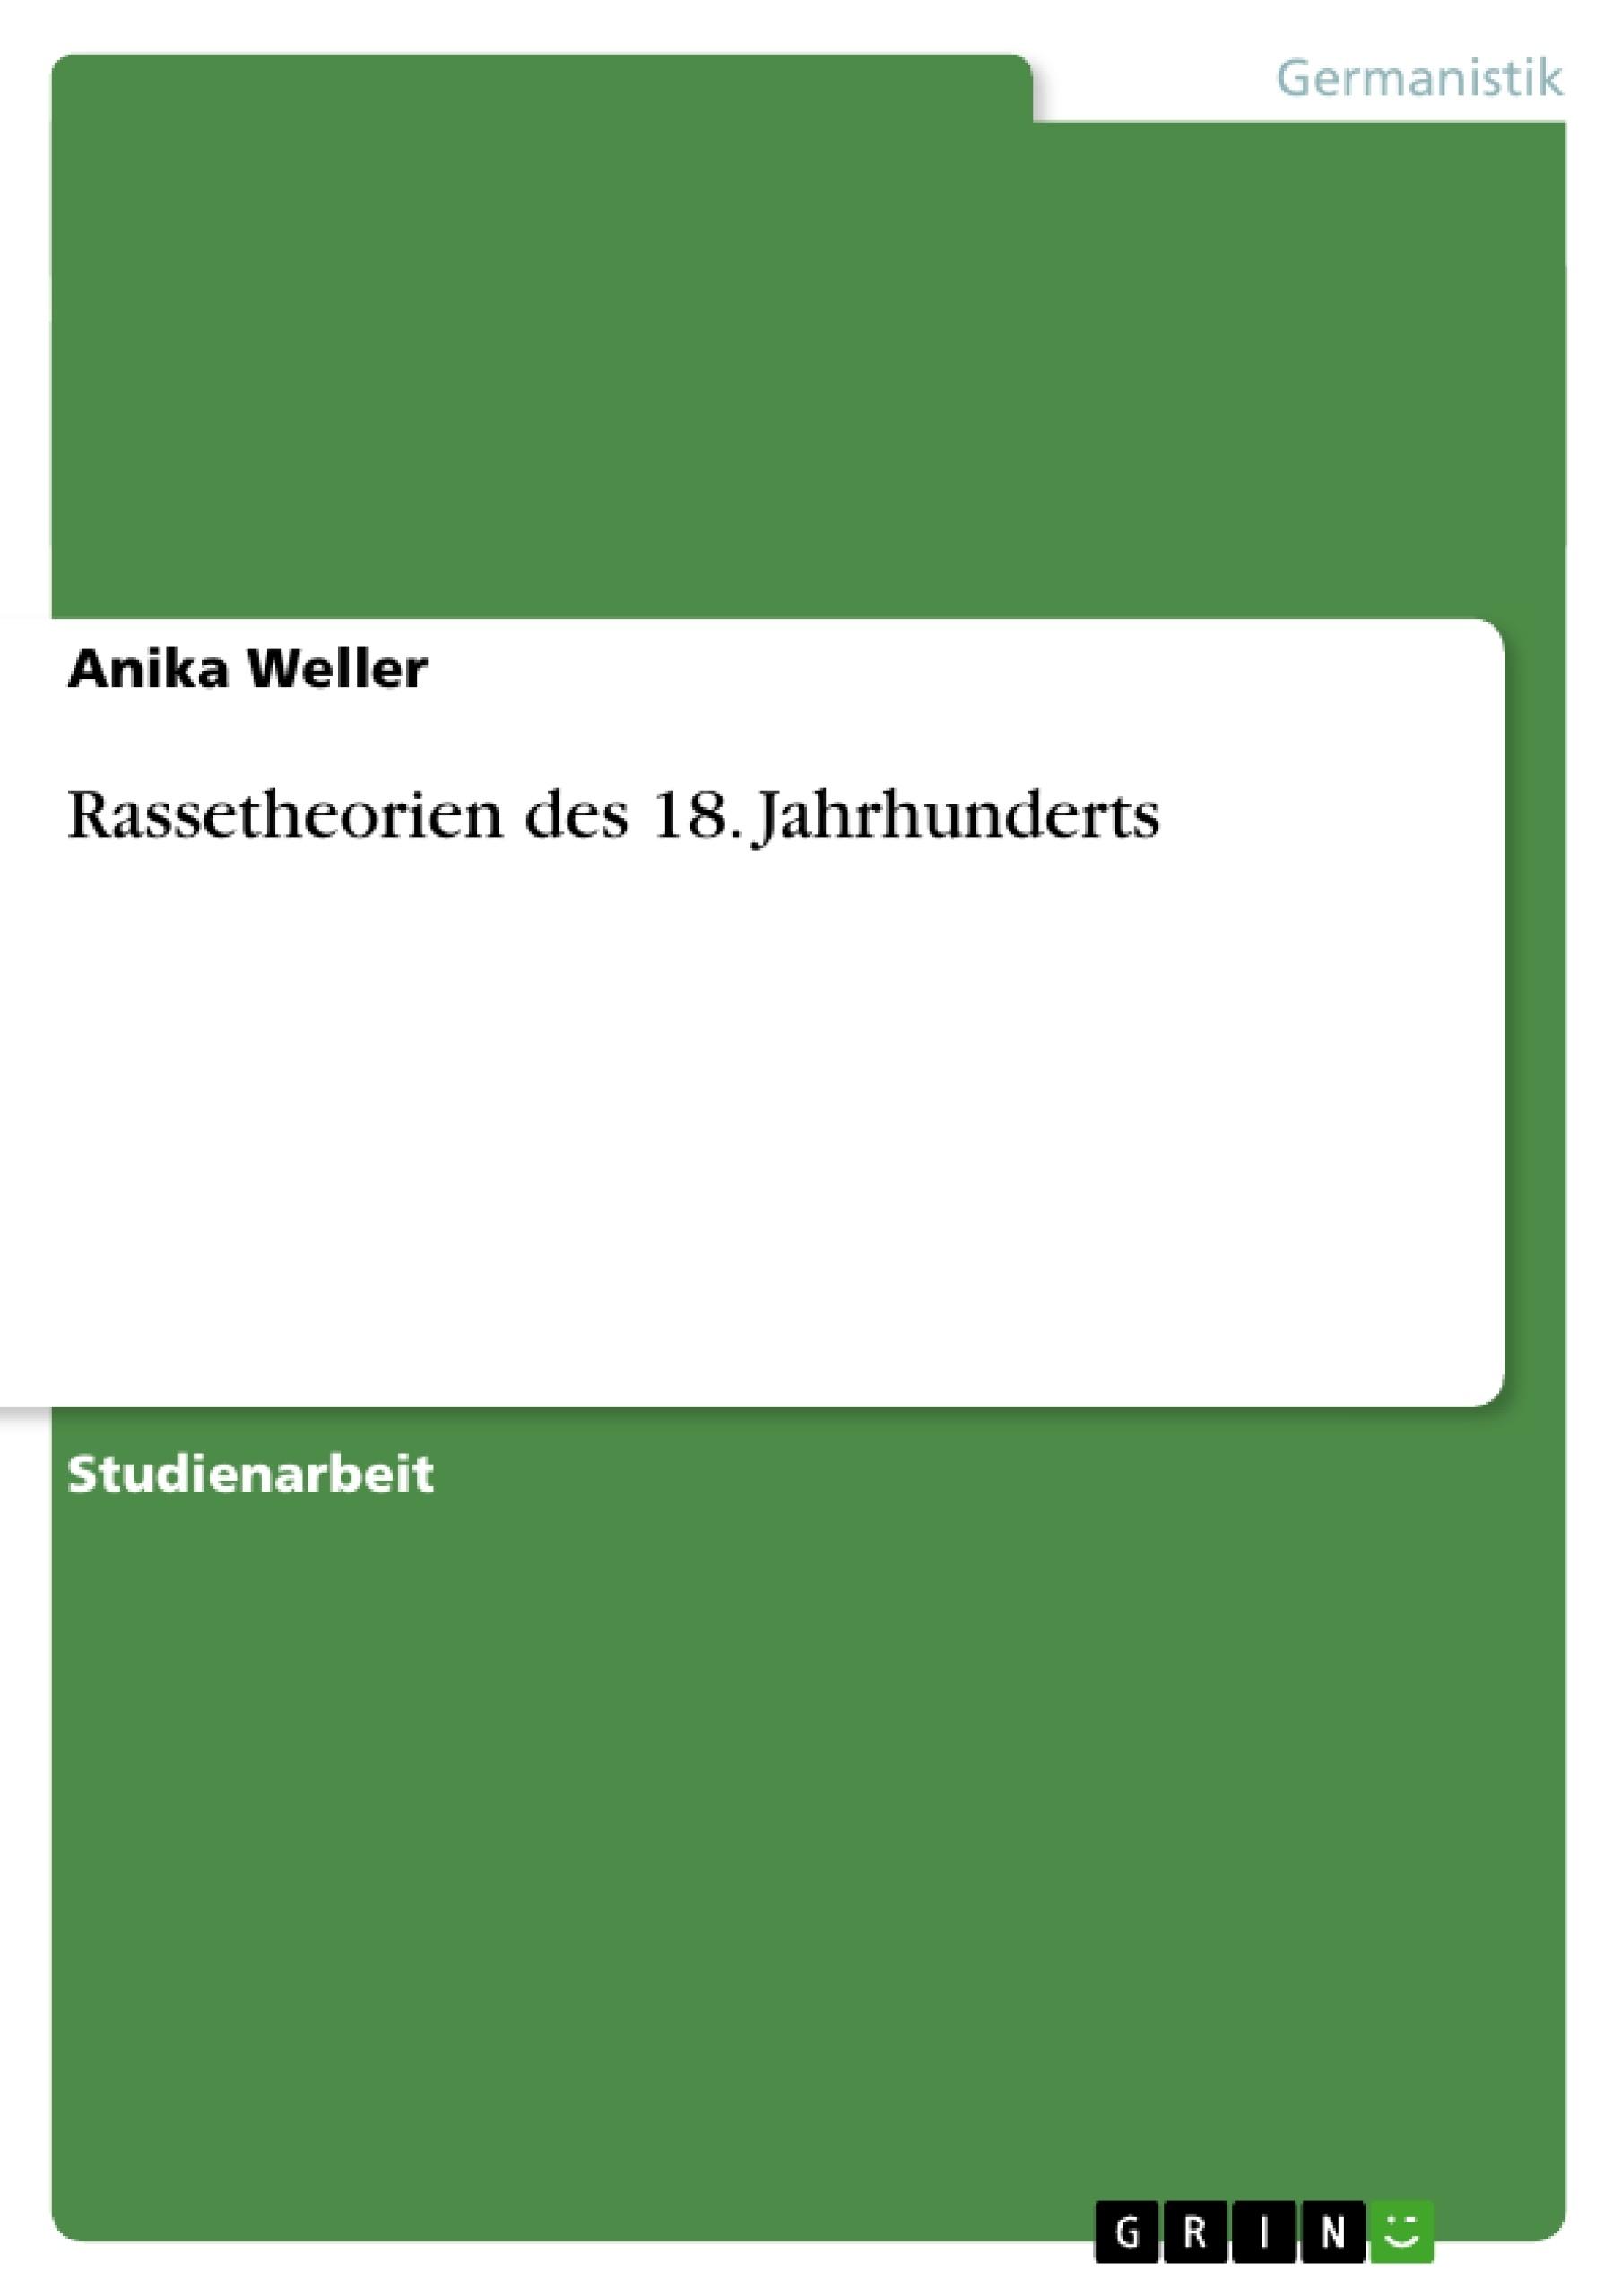 Titel: Rassetheorien des 18. Jahrhunderts